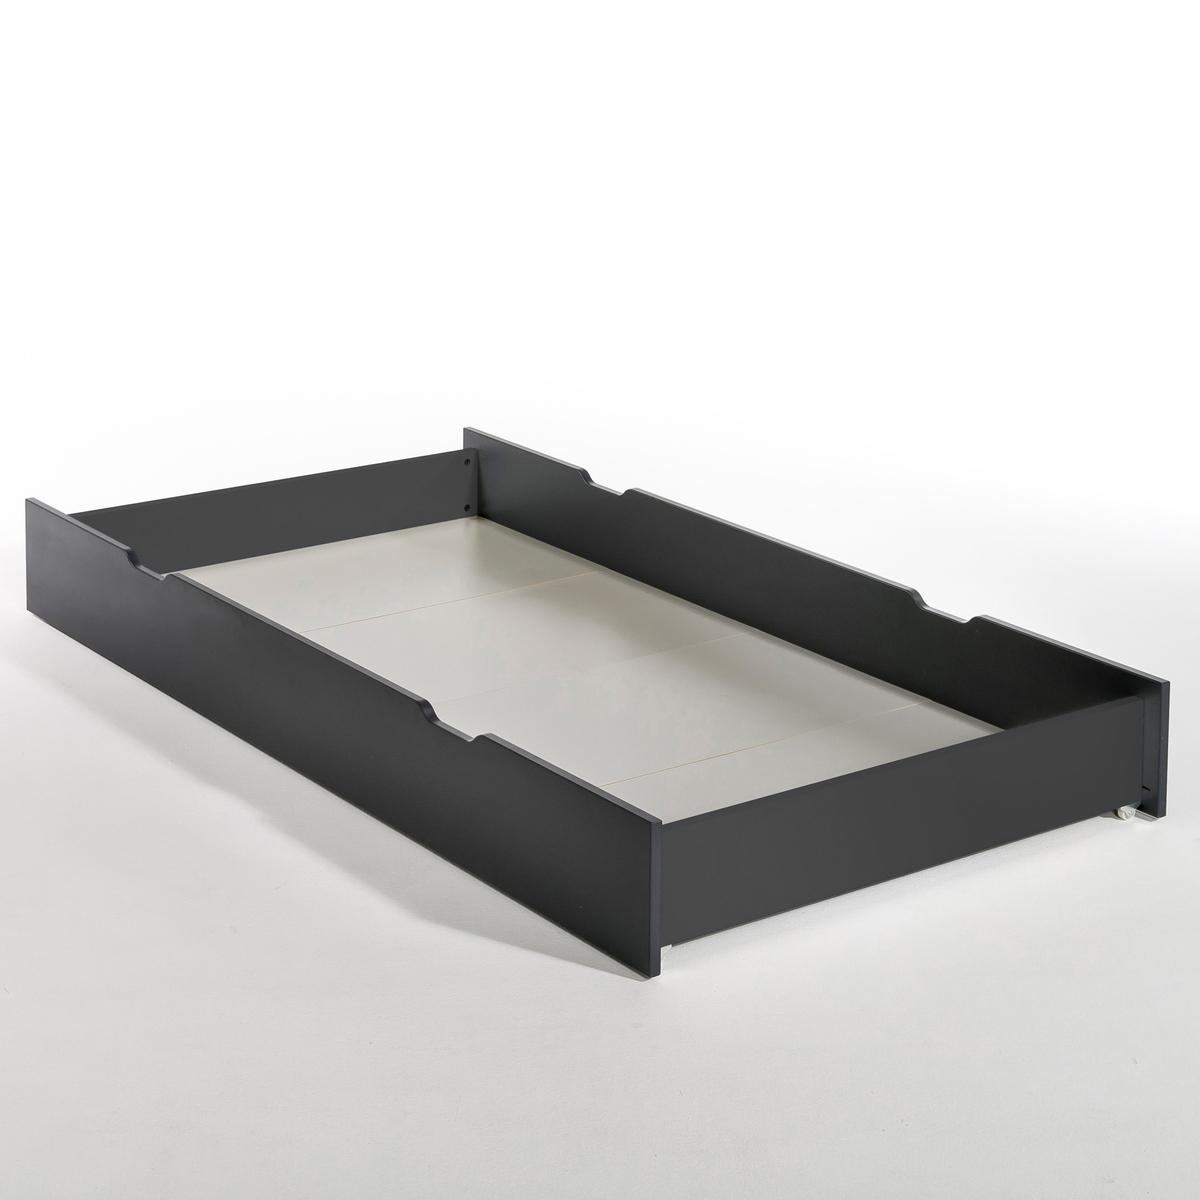 Ящик LaRedoute Для кровати Pilha единый размер серый матрас laredoute с поролоном для кровати ящика 90 x 180 x 12 красный